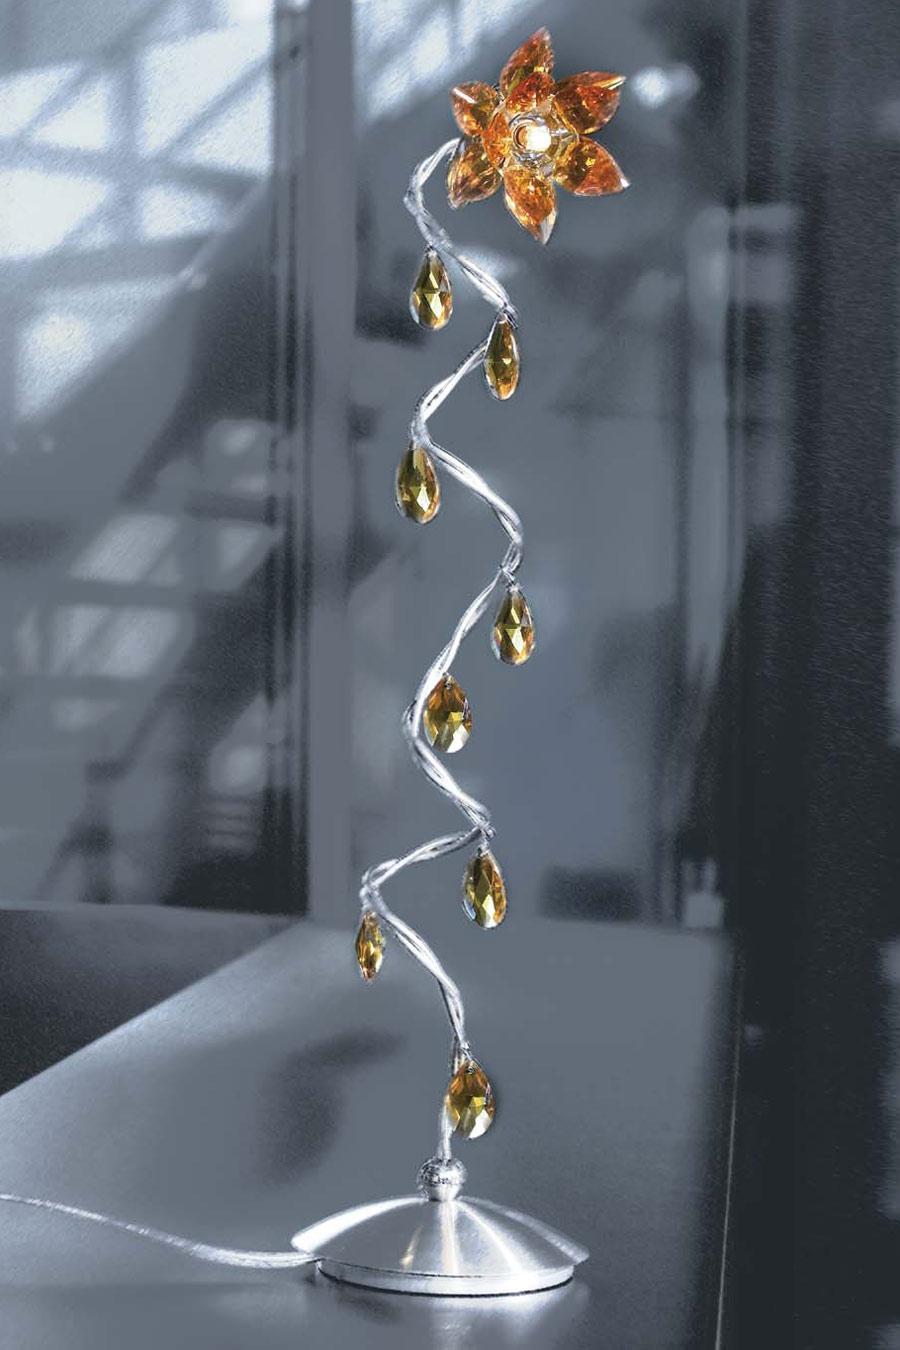 Jewel lampe de table 1 lumière ambre en verre taillé ambre. Harco Loor.